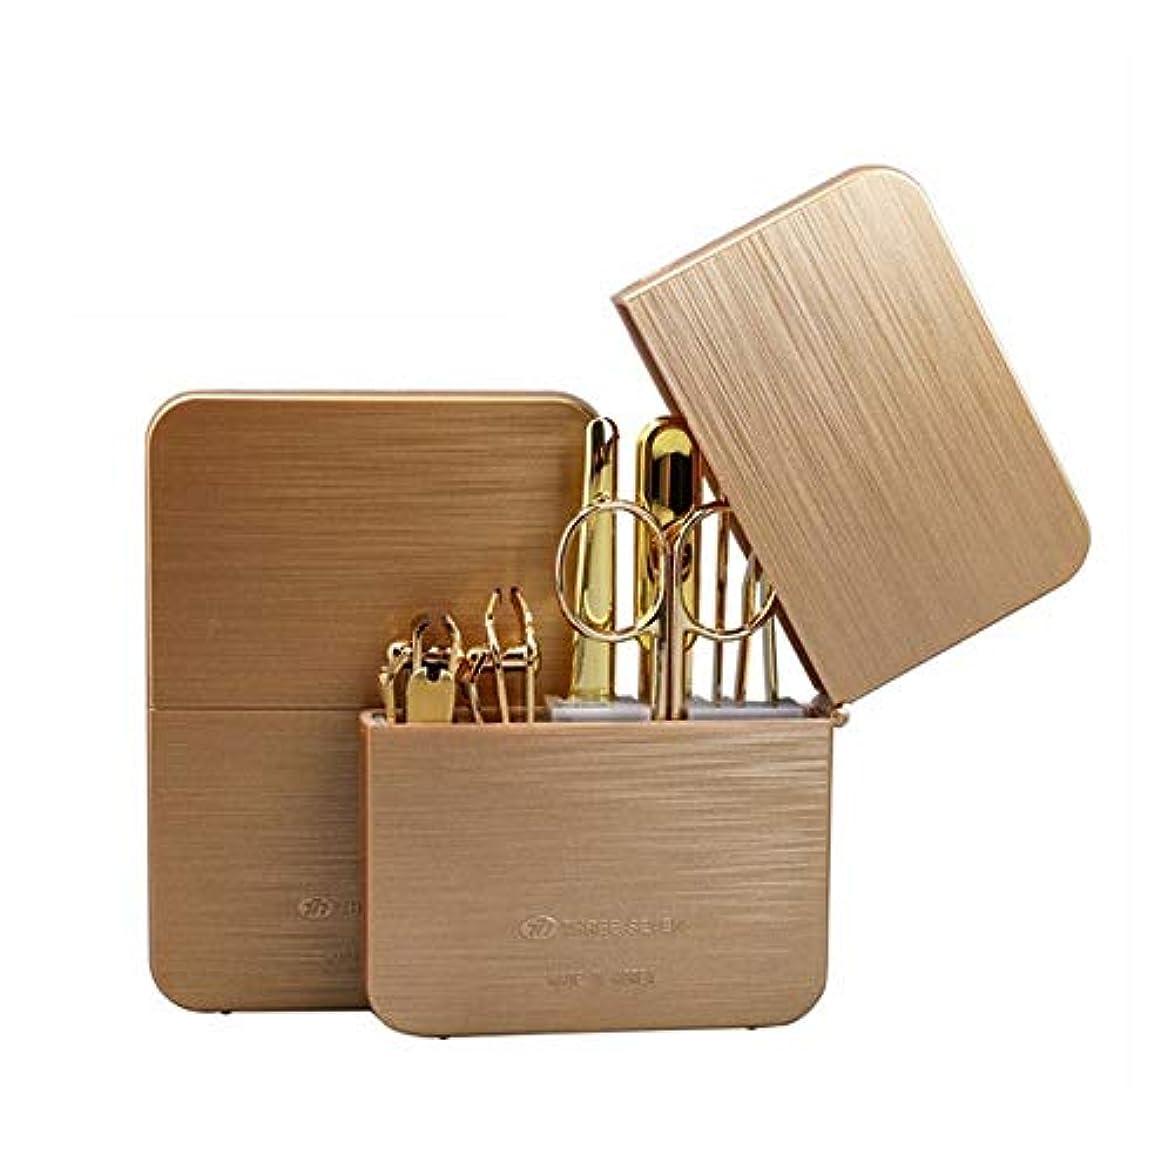 染料イチゴチロTUOFL 7パーソナルケア修理ツール、マニキュアツール、炭素鋼、シャープで耐久性、完全に機能 (Color : Gold)